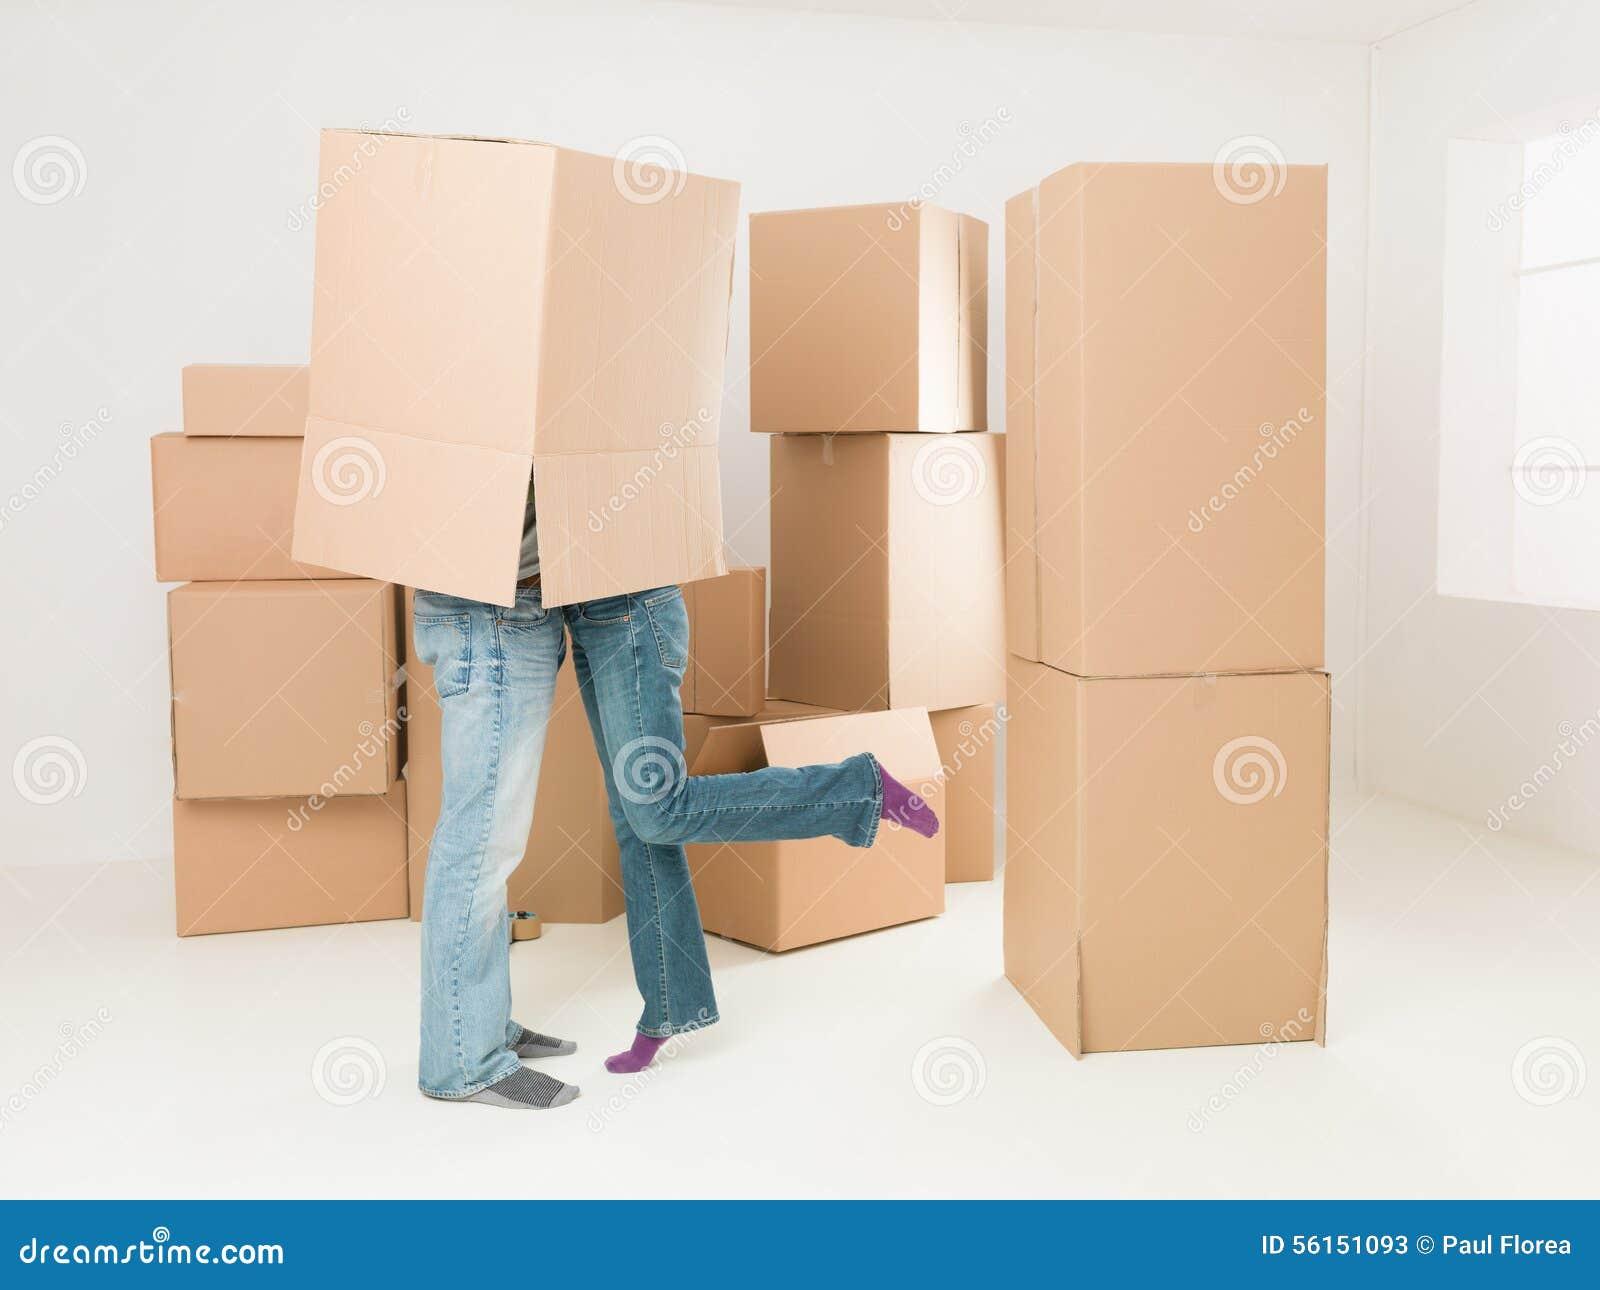 Romantische scène tijdens bewegend huis